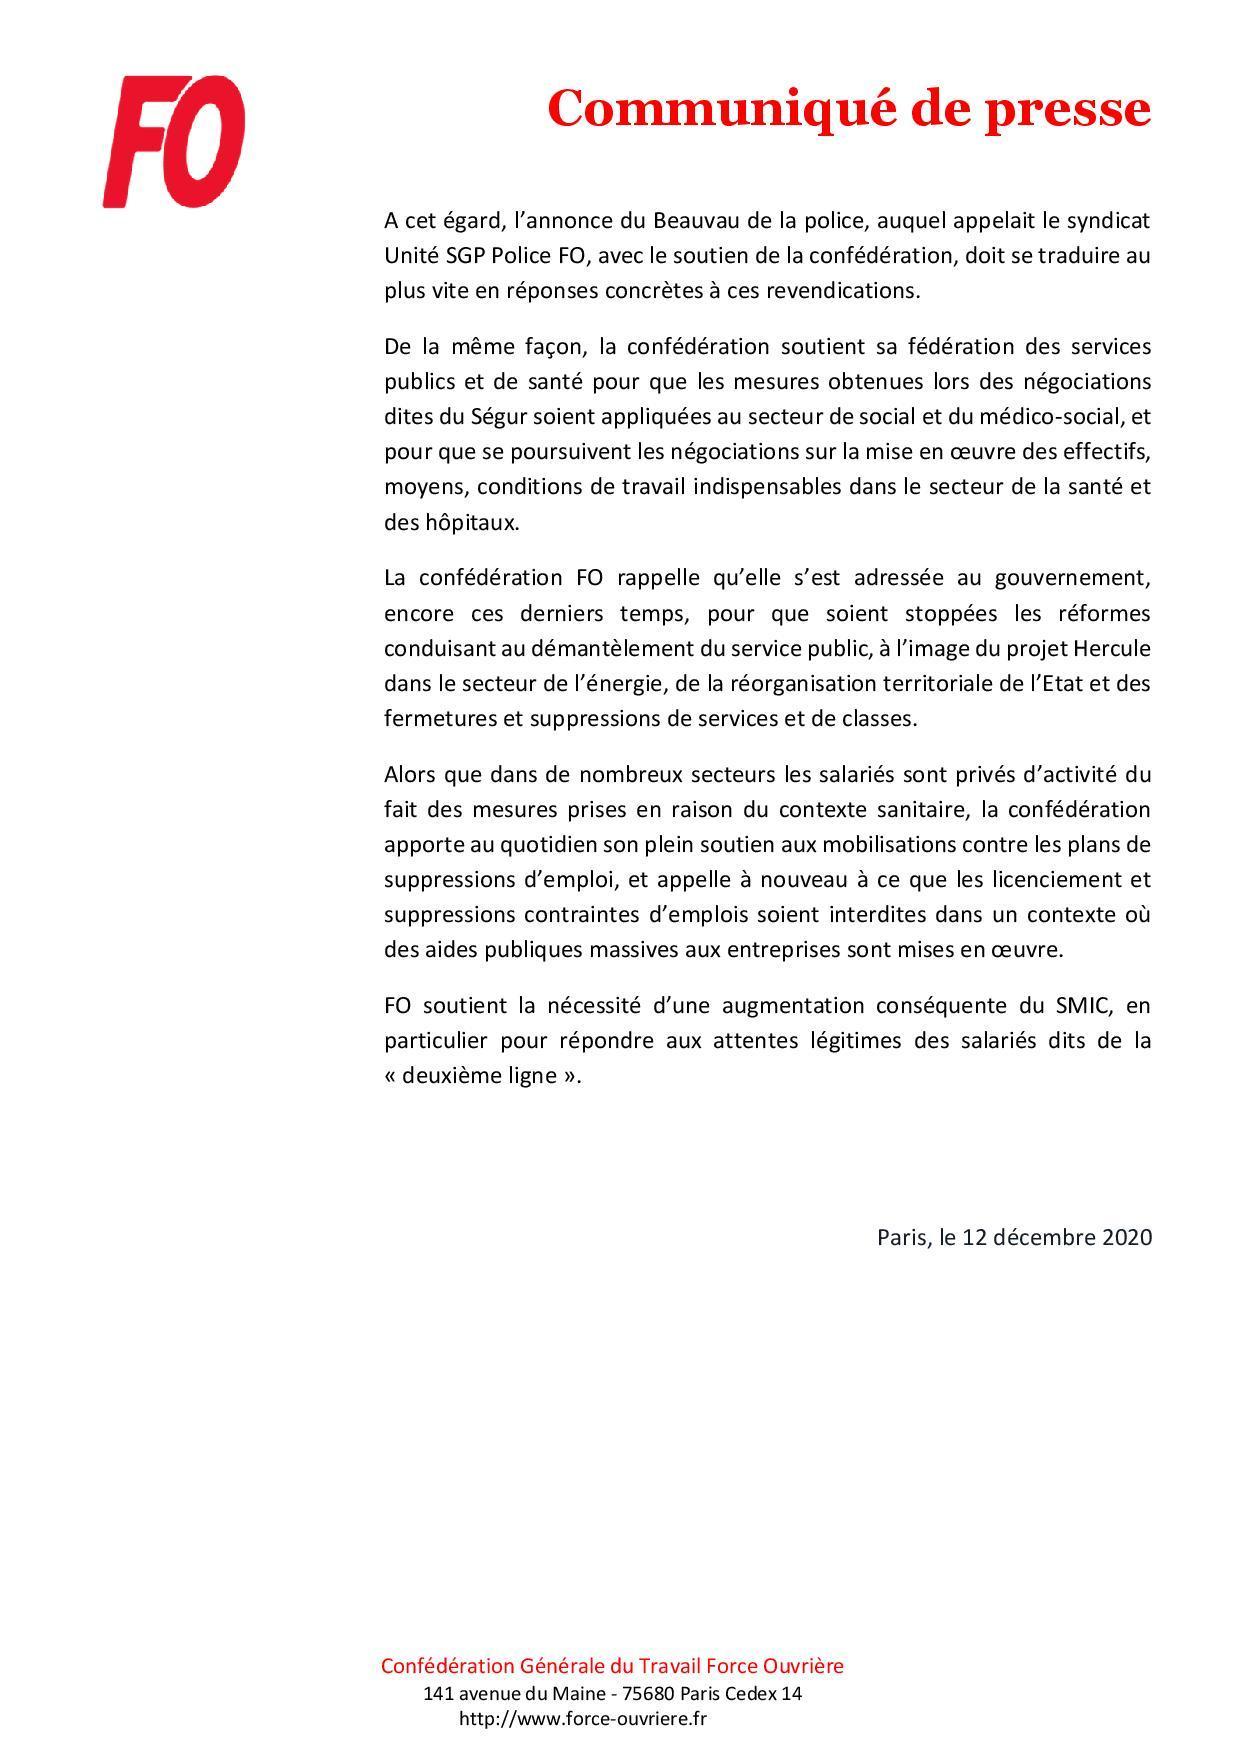 Communique de presse 12 12 2020 page 002